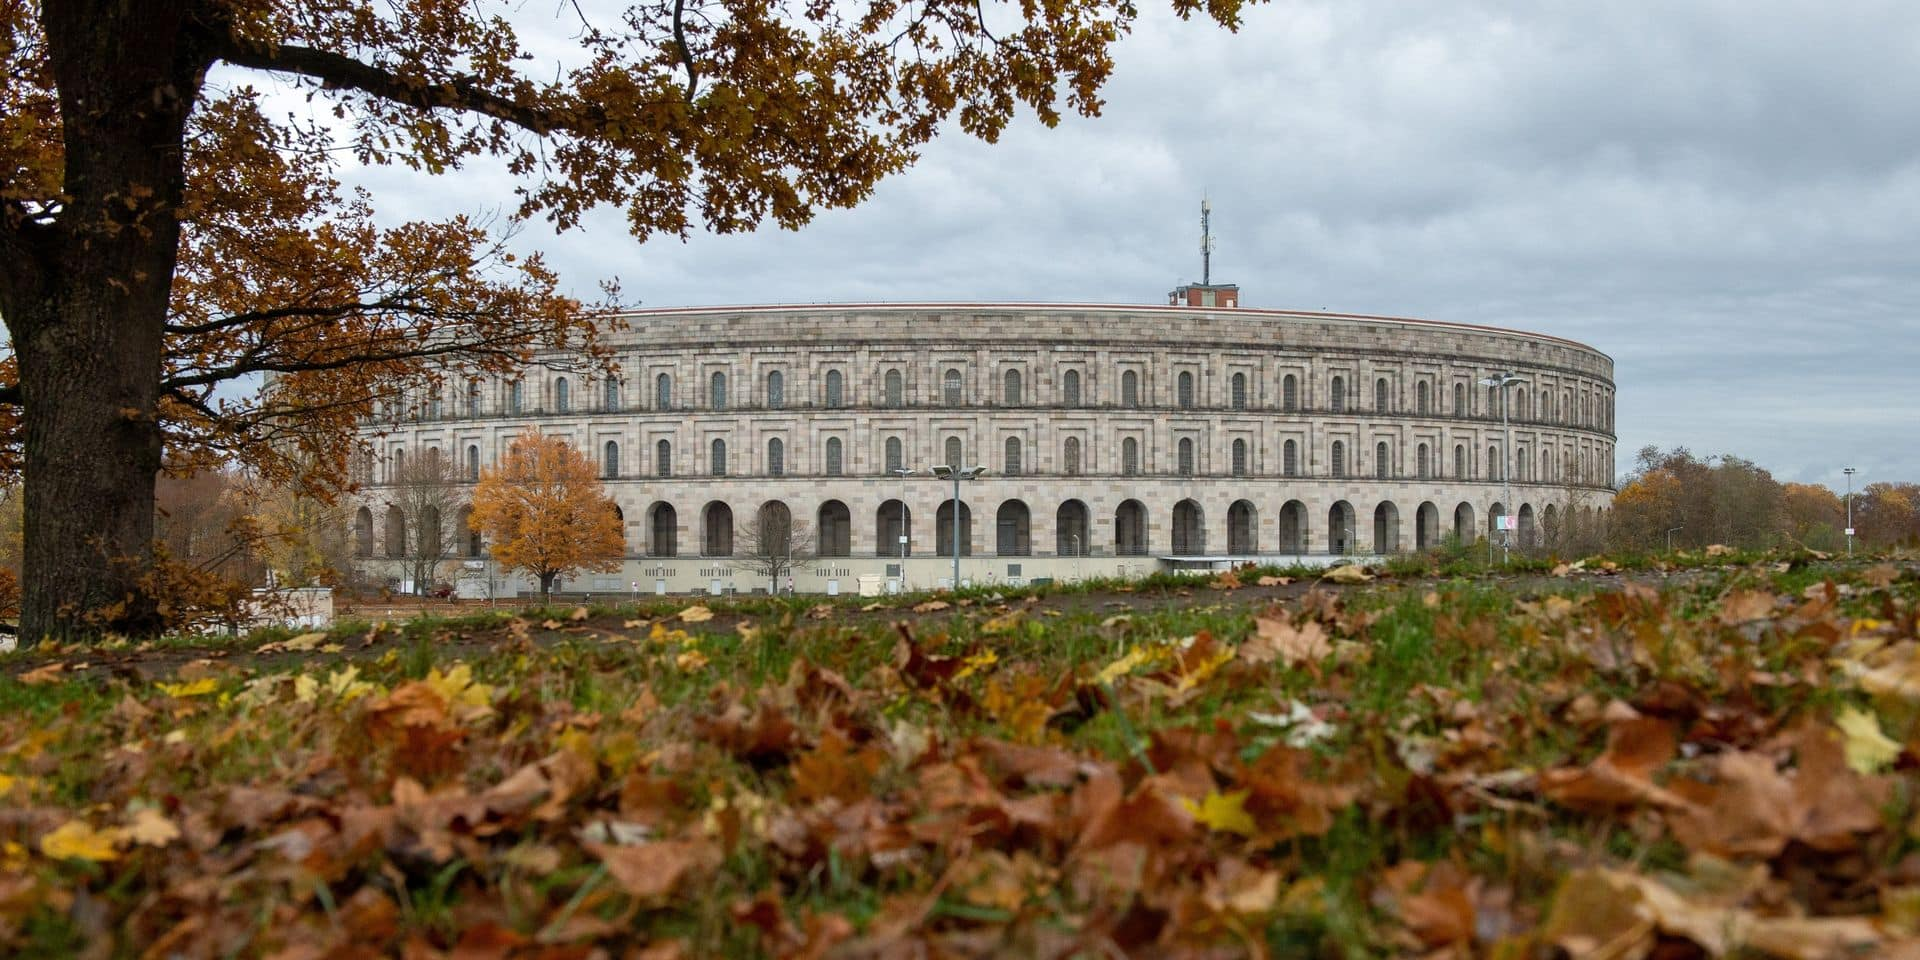 L'Allemagne commémore le procès de Nuremberg, naissance de la justice internationale